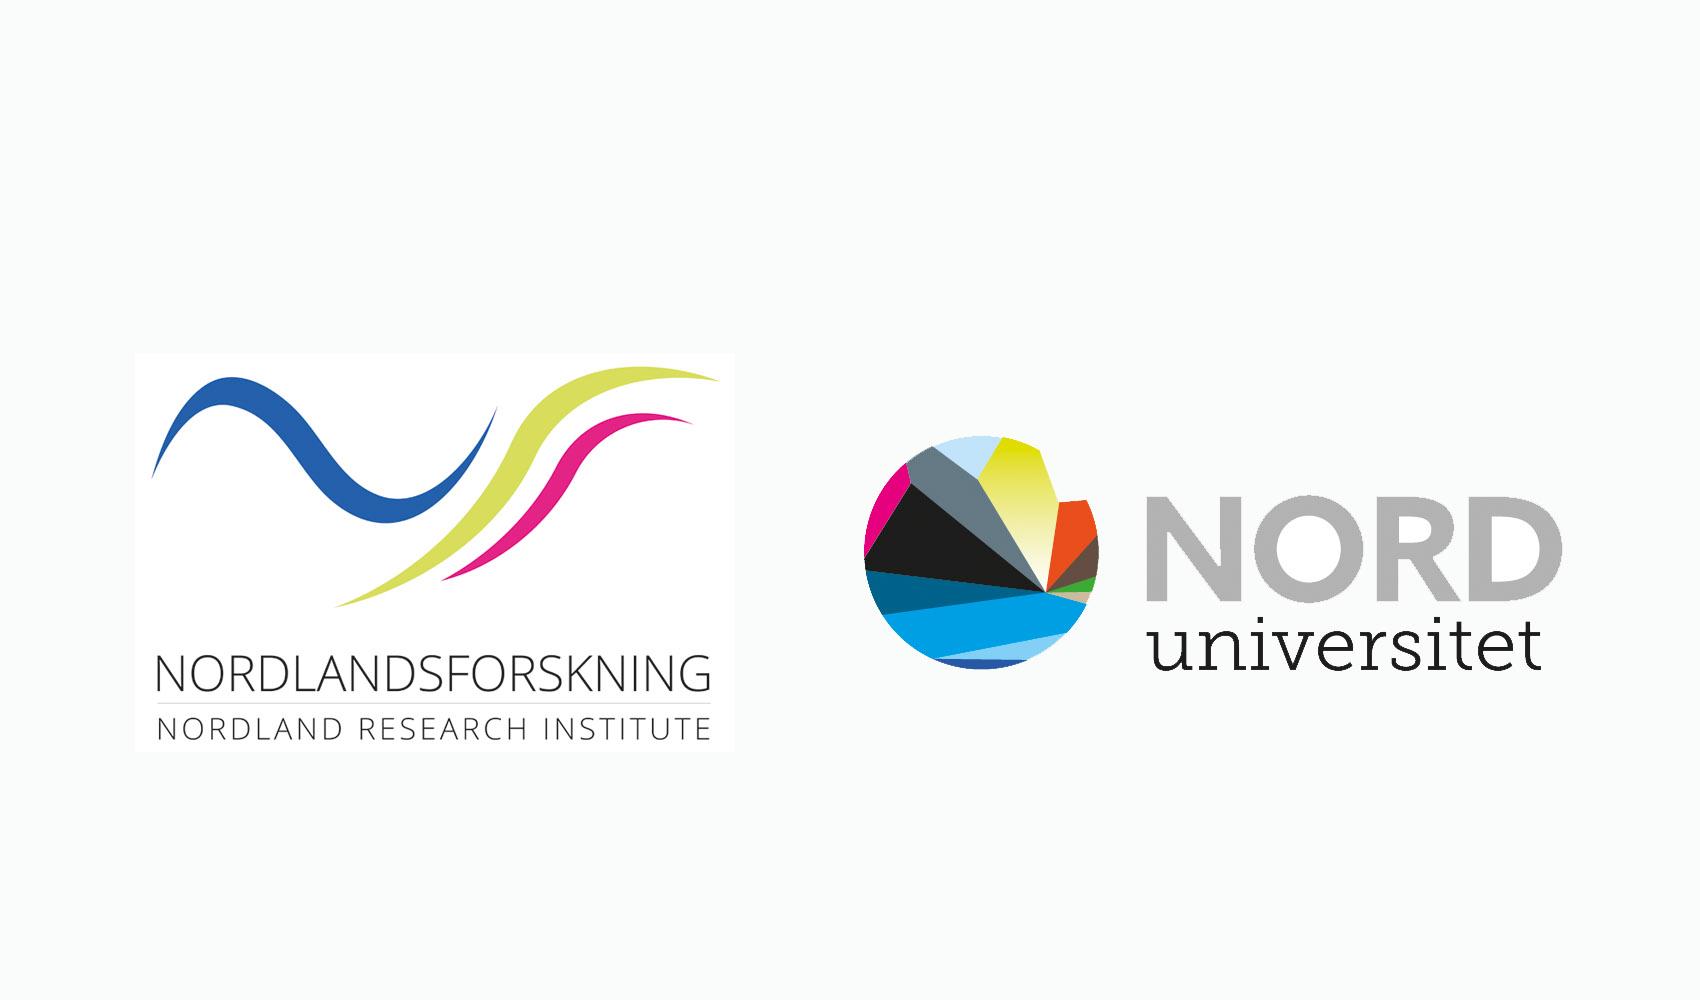 - Grønsj er et samarbeid mellom Nordlandsforskning og Nord universitet